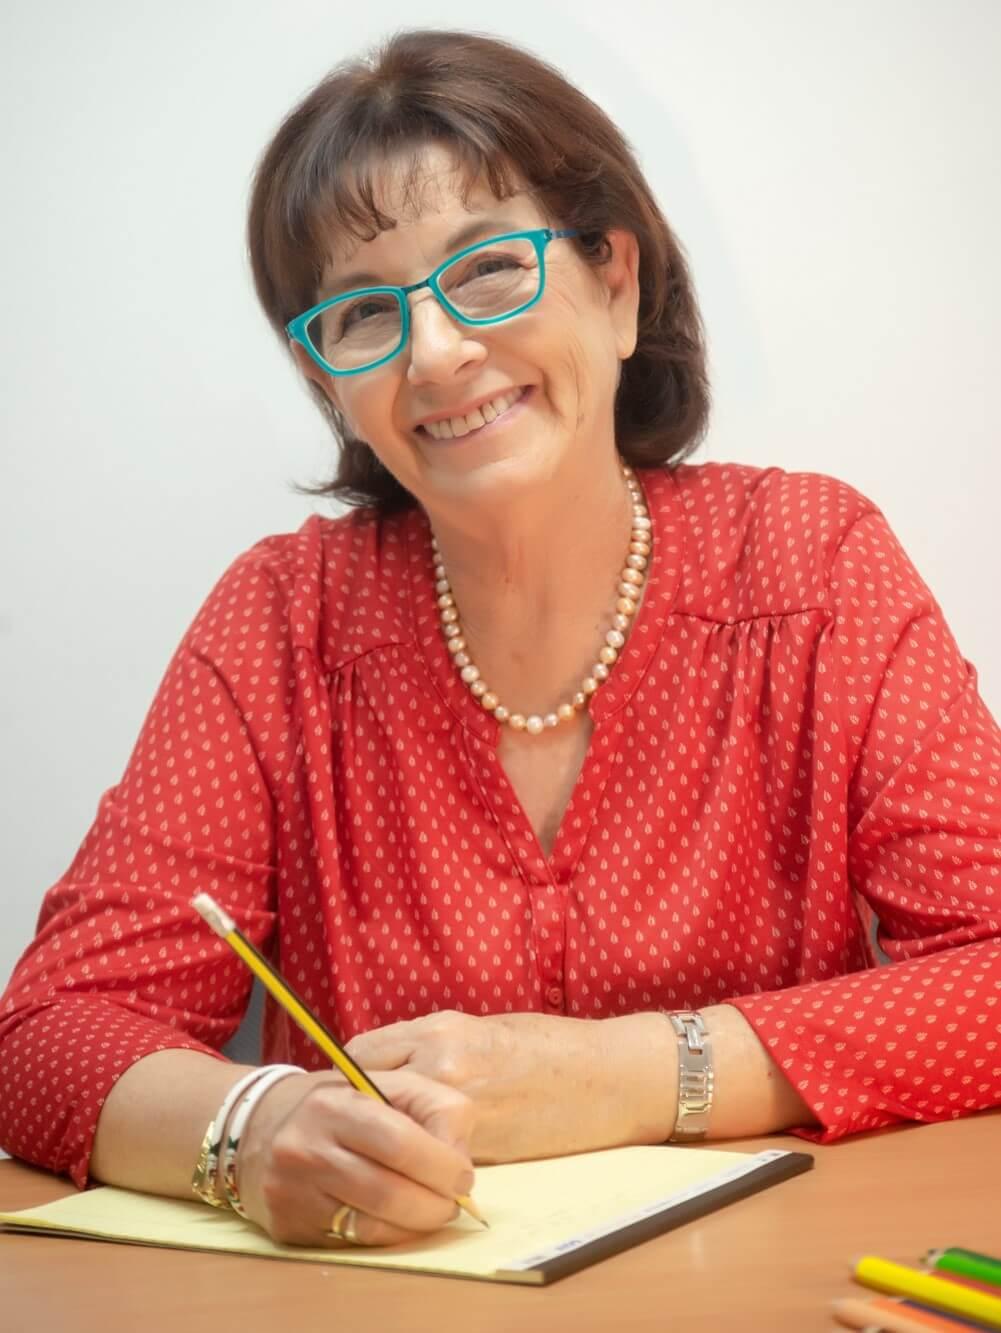 דבורה גלעד - מאמנת אישית